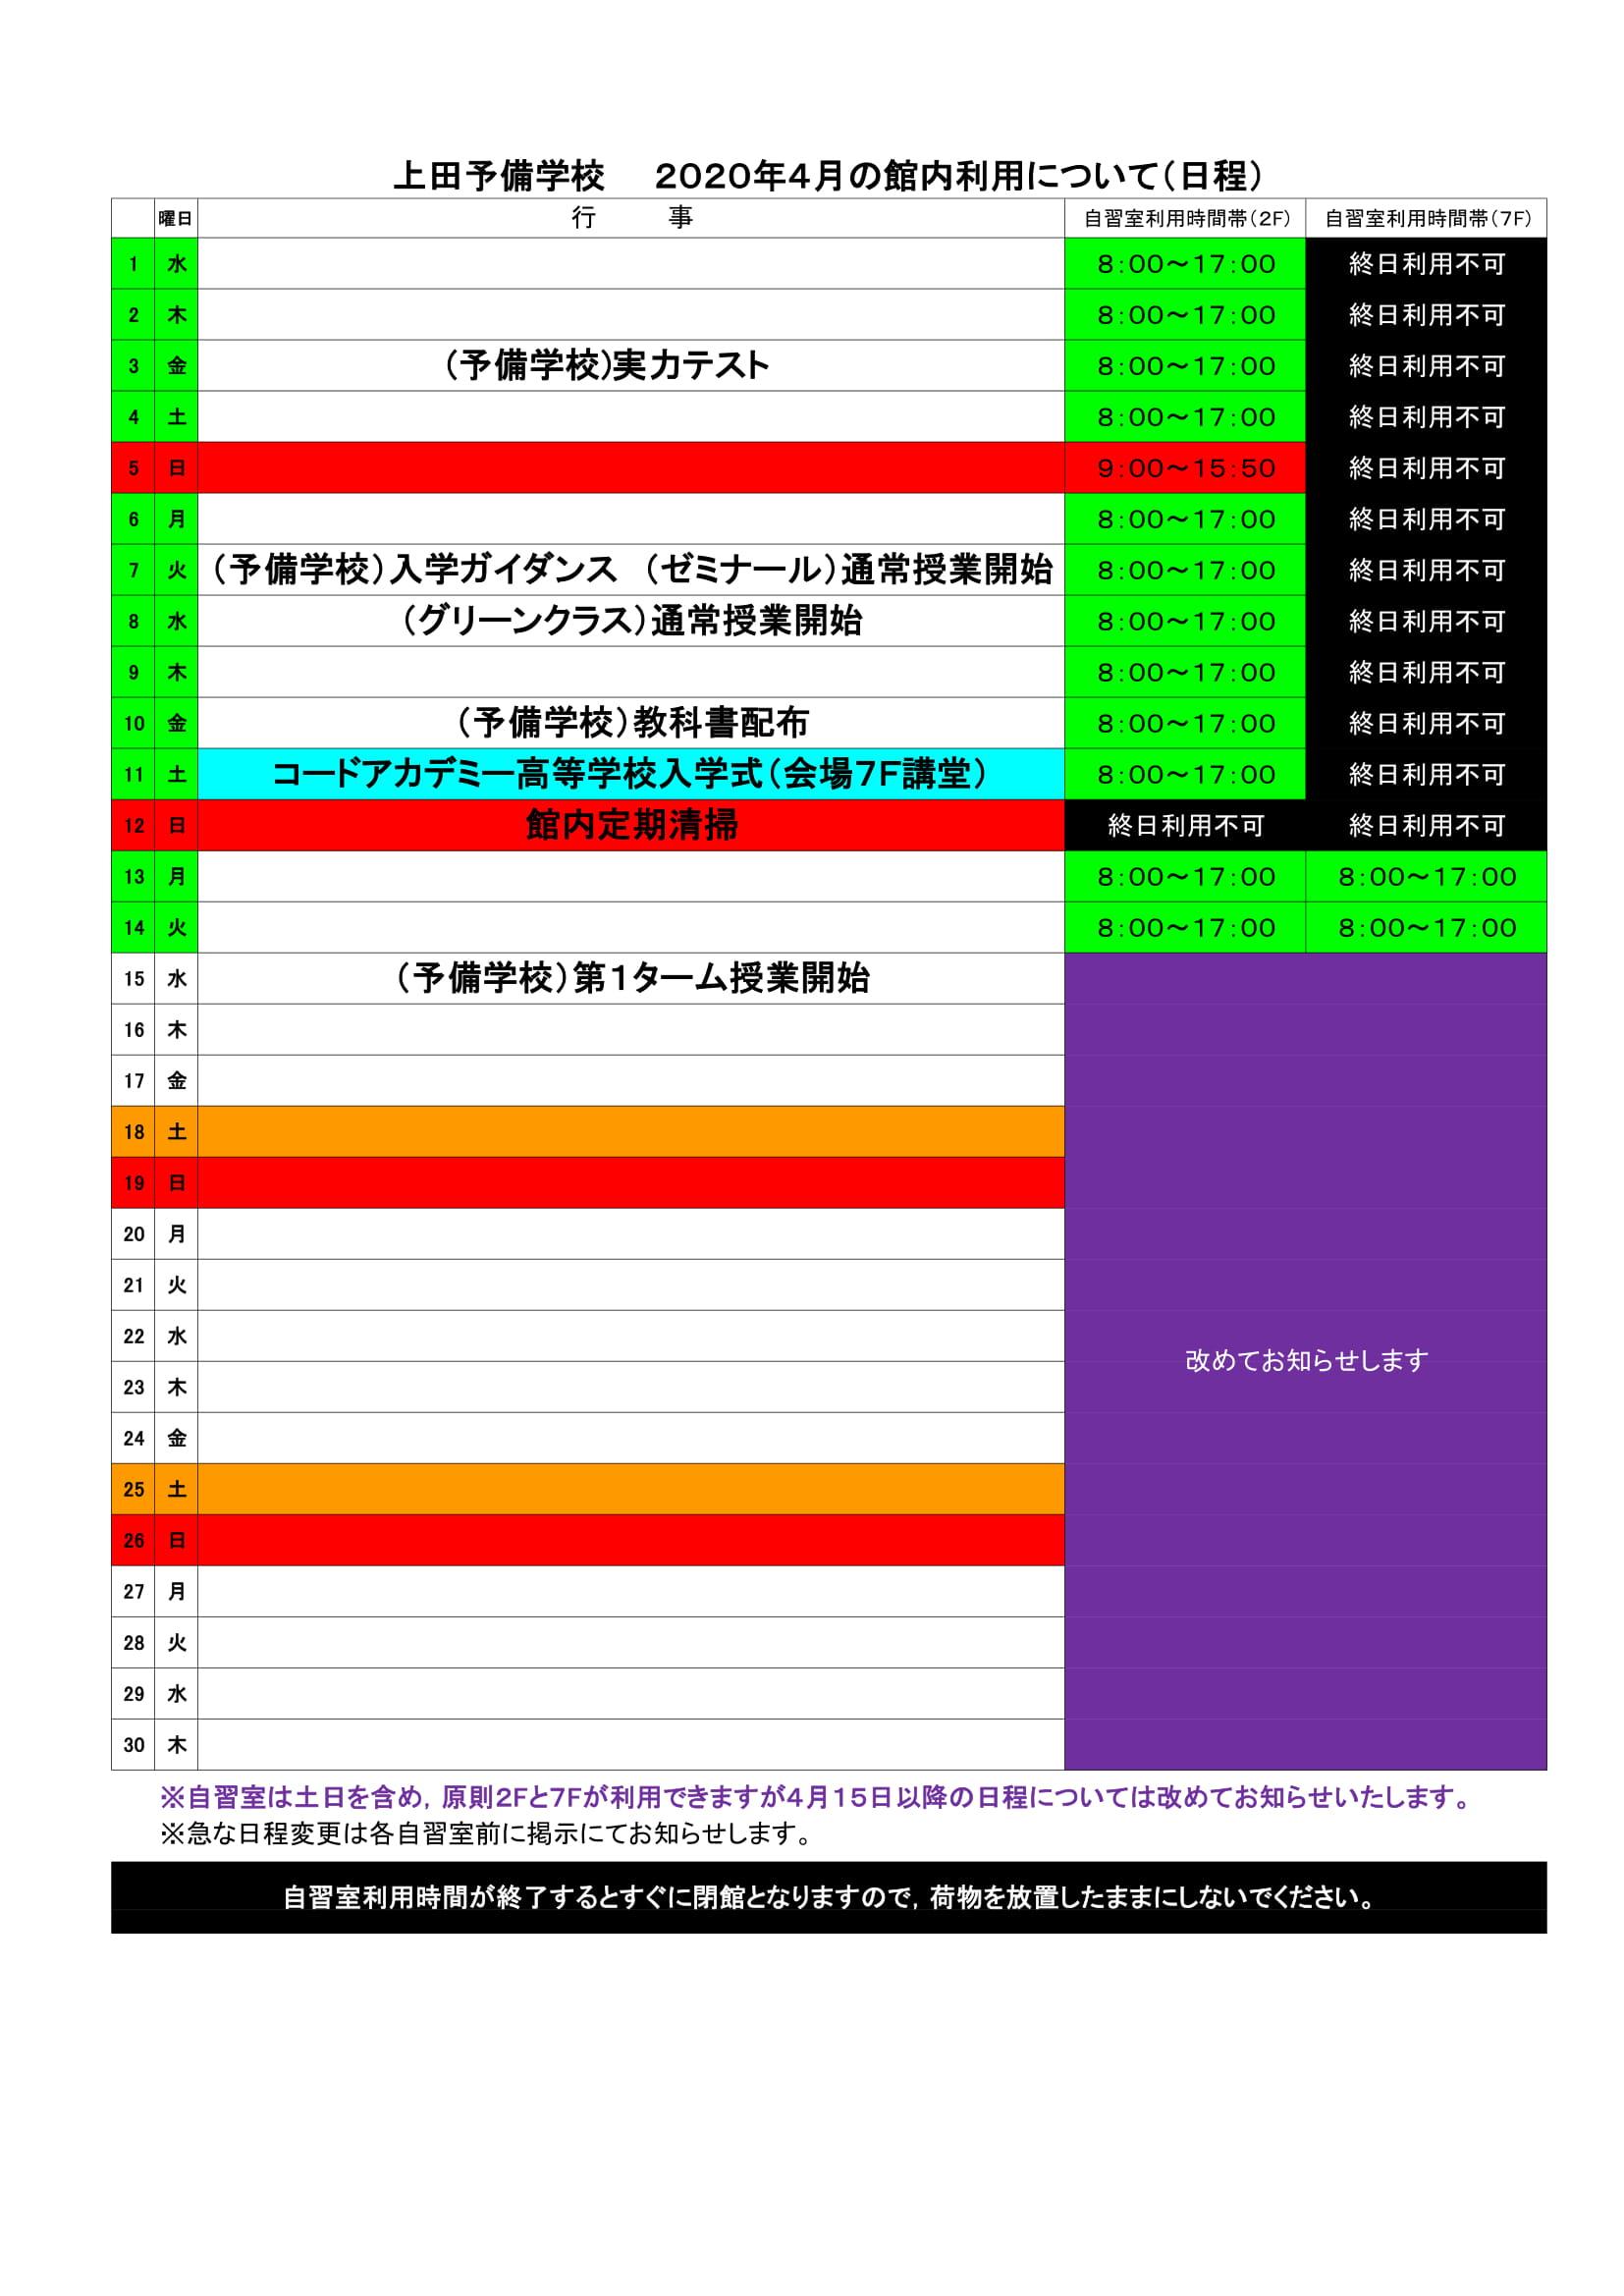 自習室利用日程表2020年4月.xlsx-1